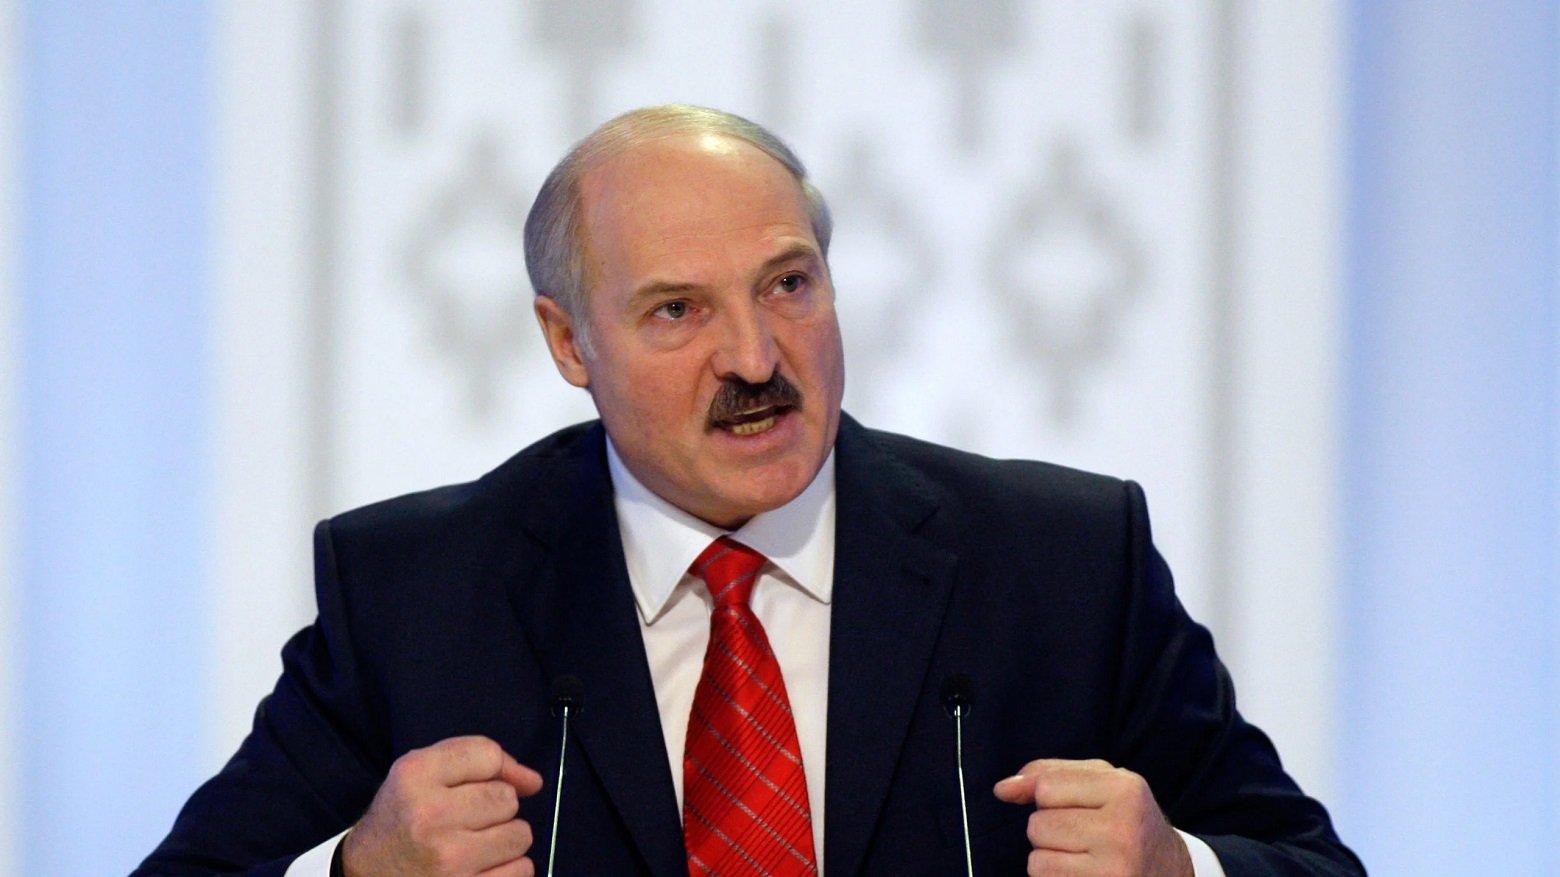 Лукашенко вслед за Лавровым обвинил Украину в дестабилизации ситуации в Беларуси - today.ua